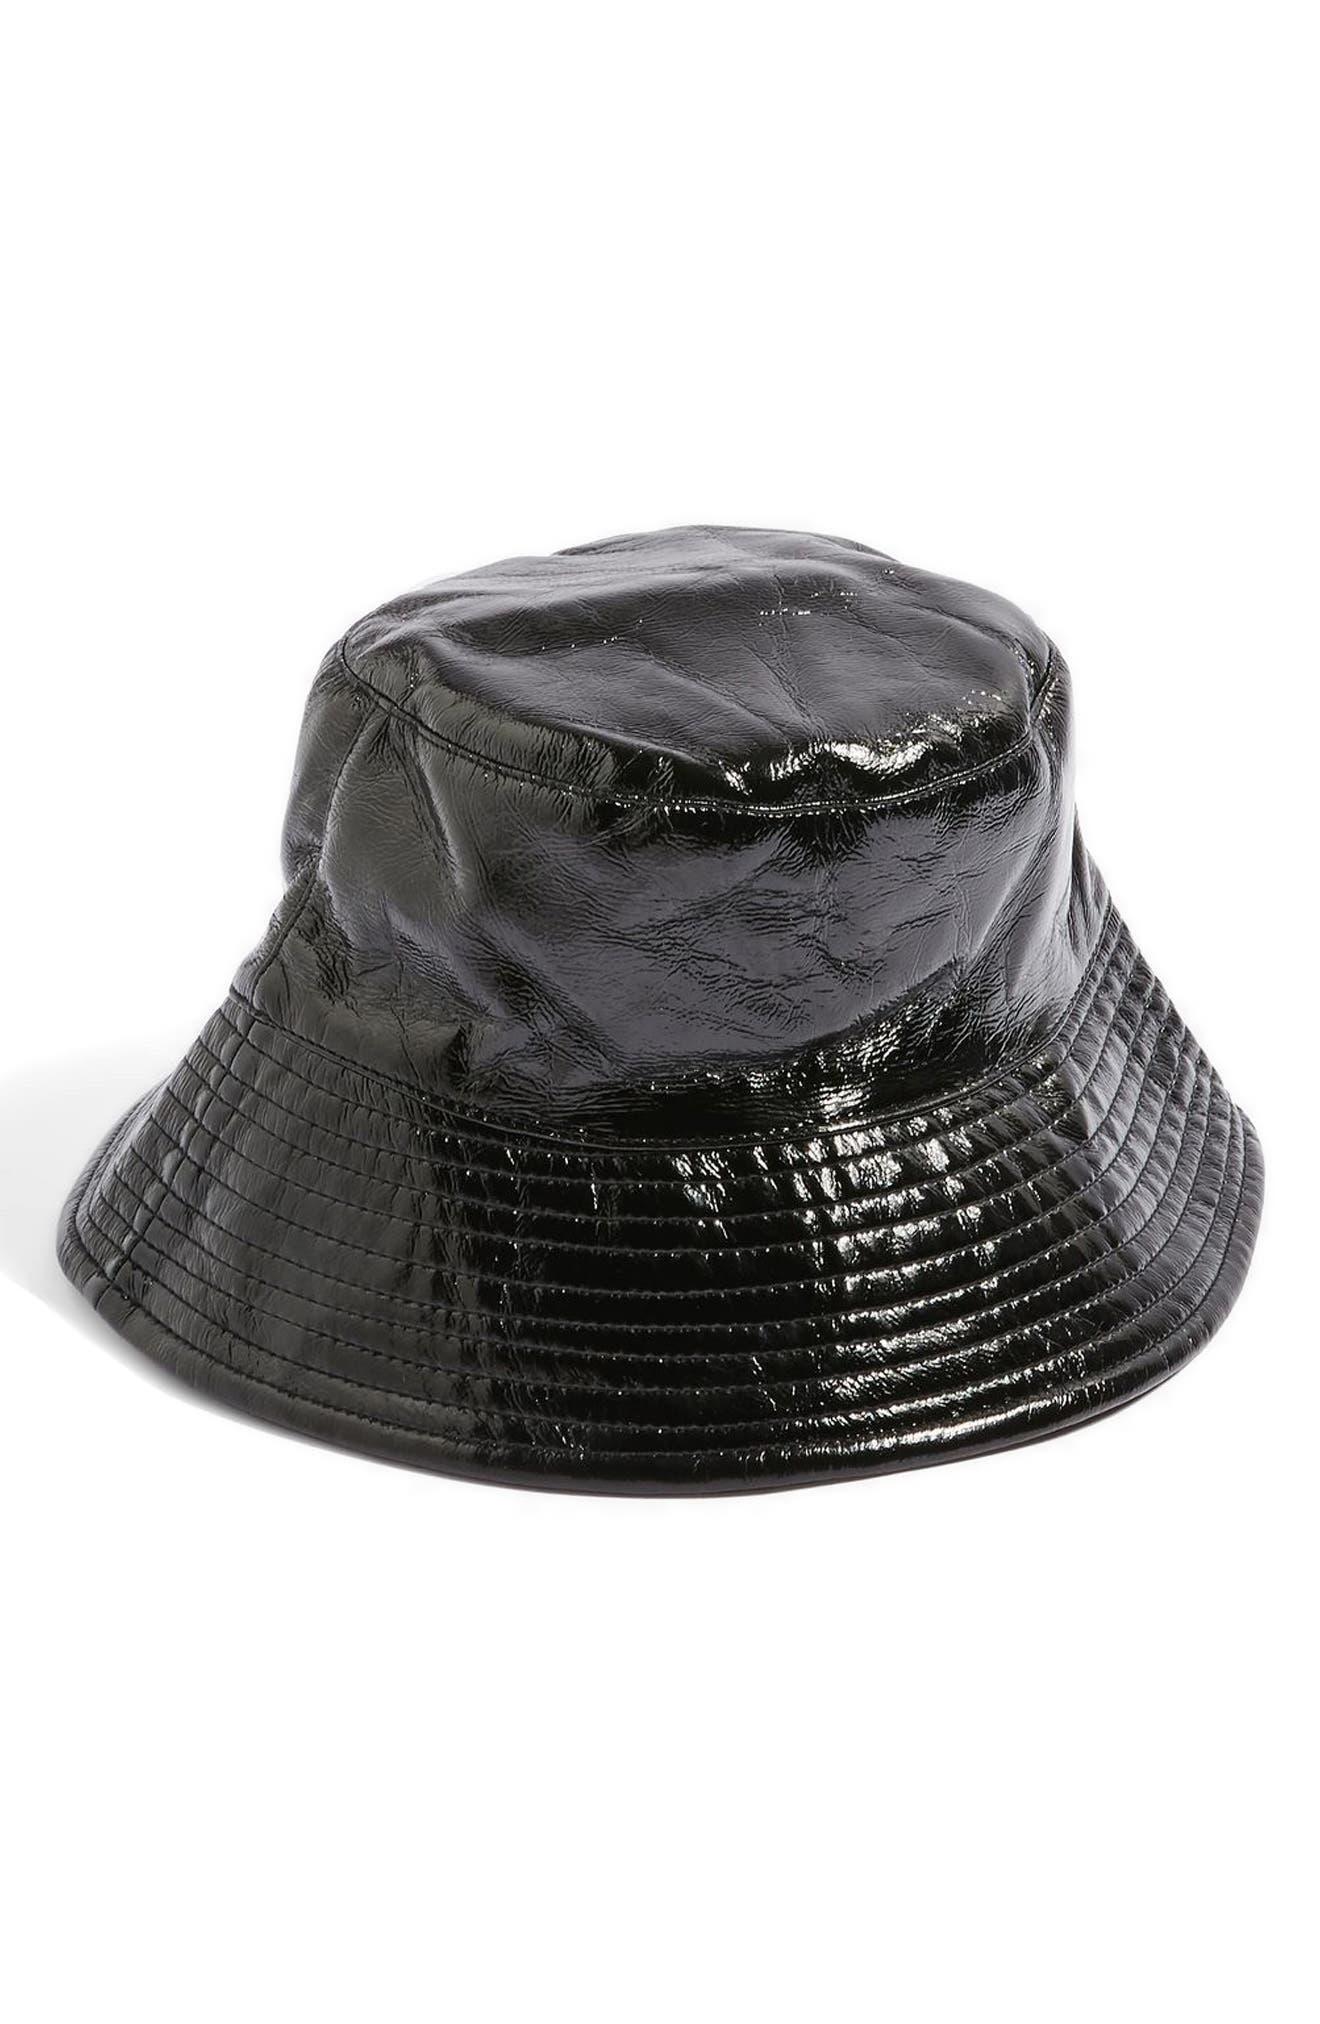 Vinyl Bucket Hat,                         Main,                         color, Black